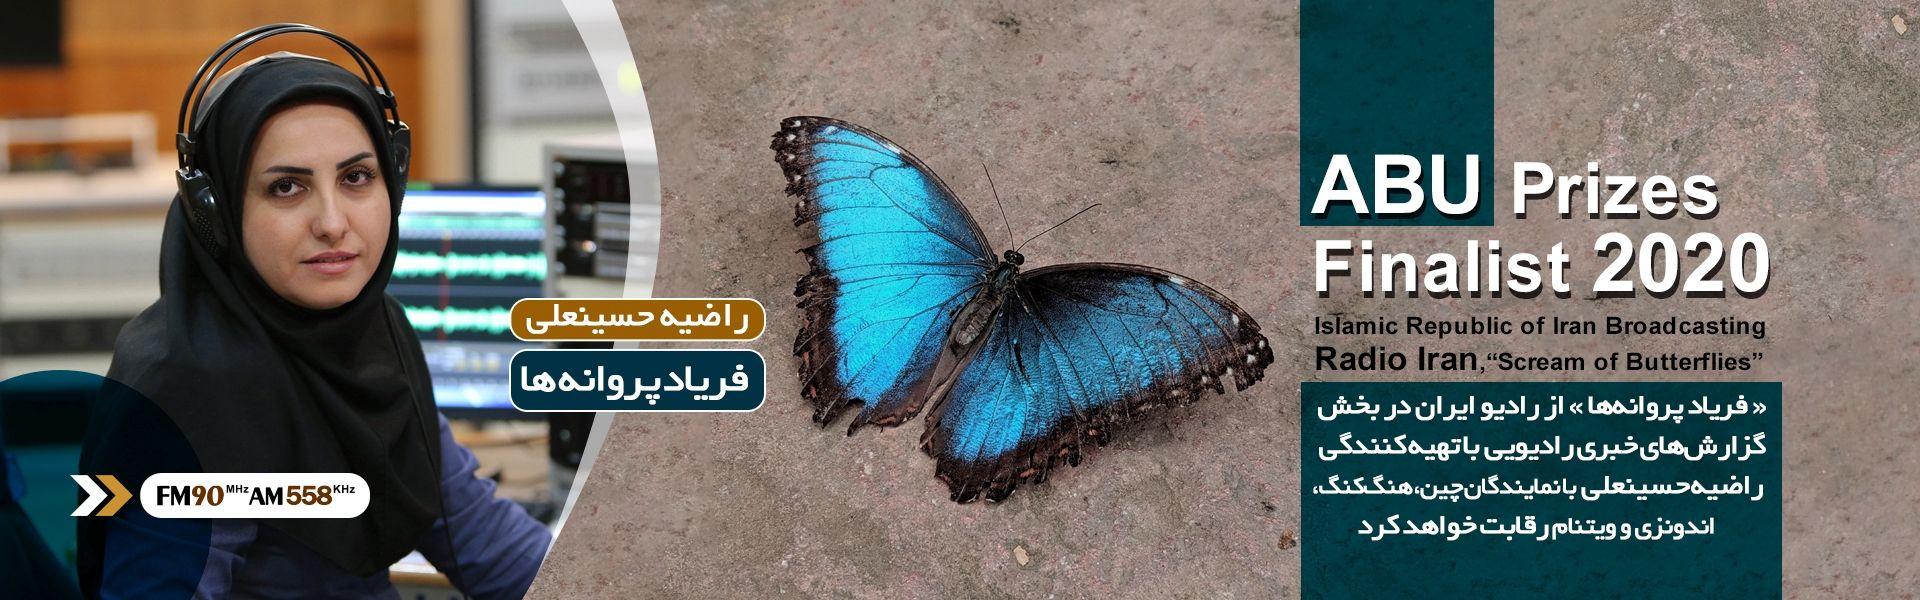 فریاد پروانه ها از رادیو ایران جزو سه اثر راه یافته از صدا و سیما به ABU